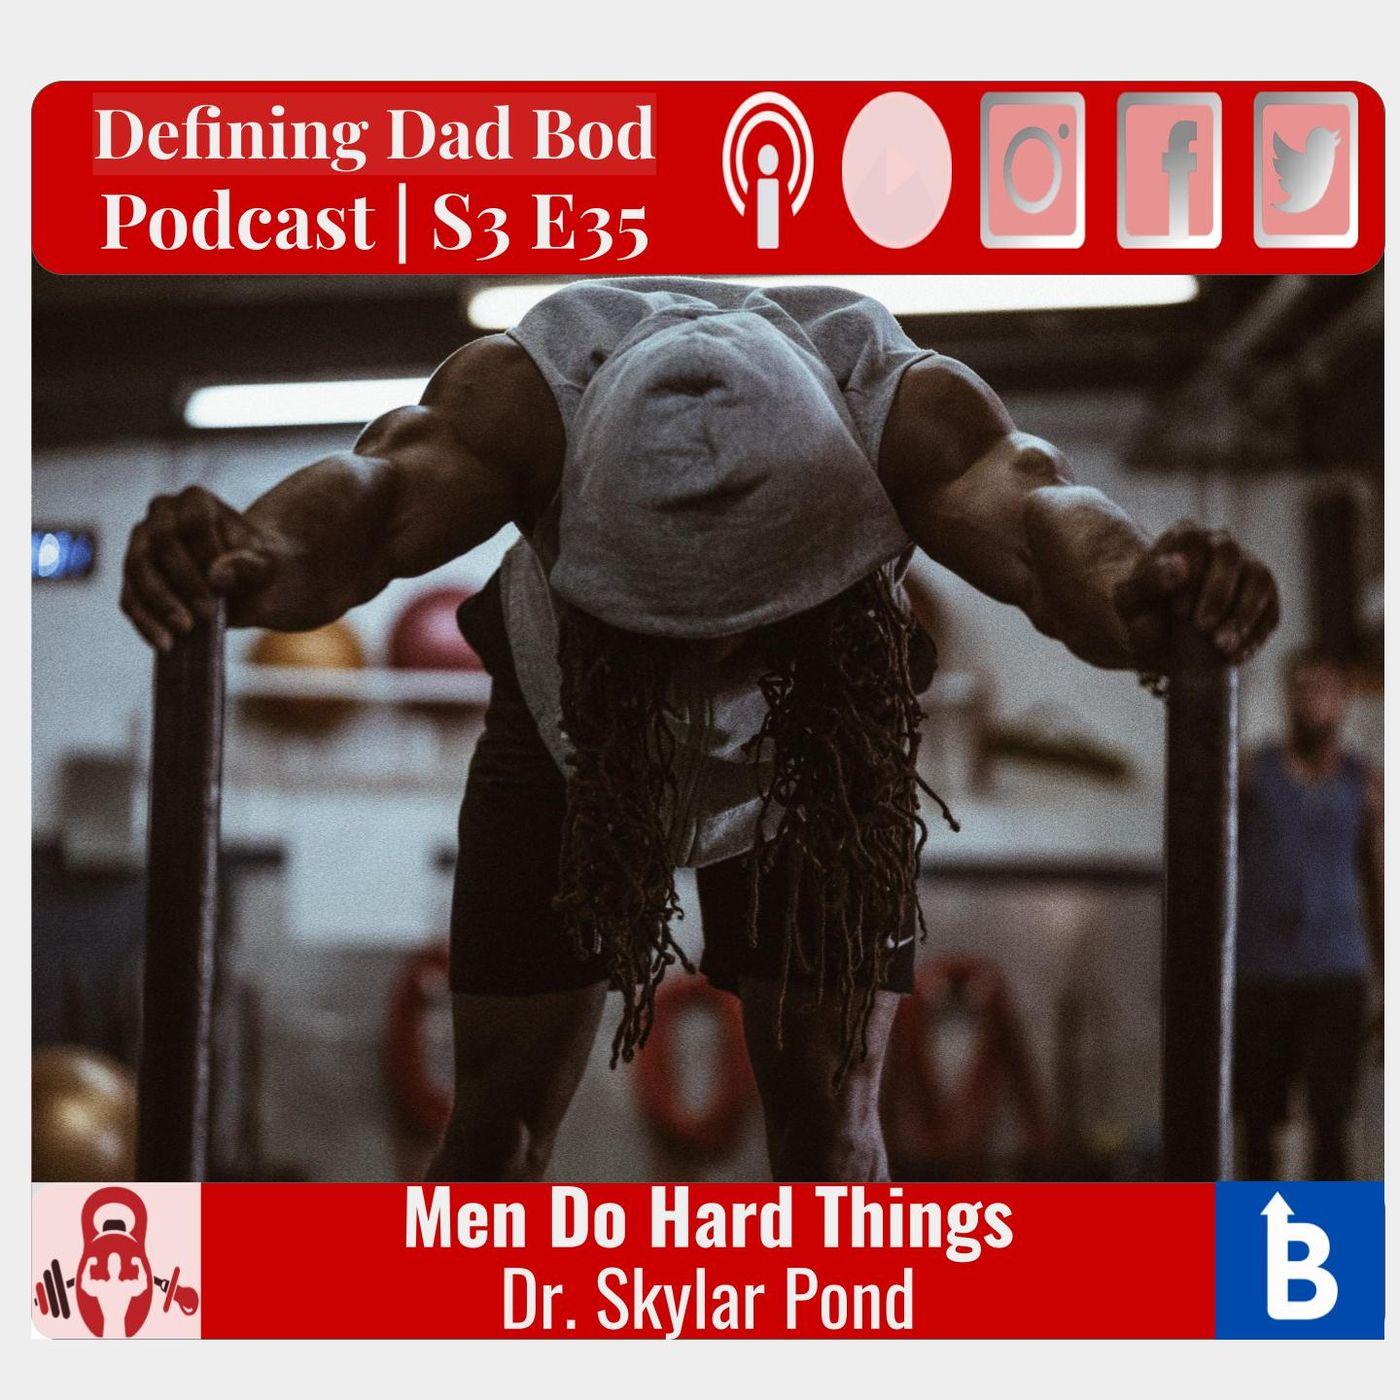 S3 E35 - Men Do Hard Things | Dr. Skylar Pond